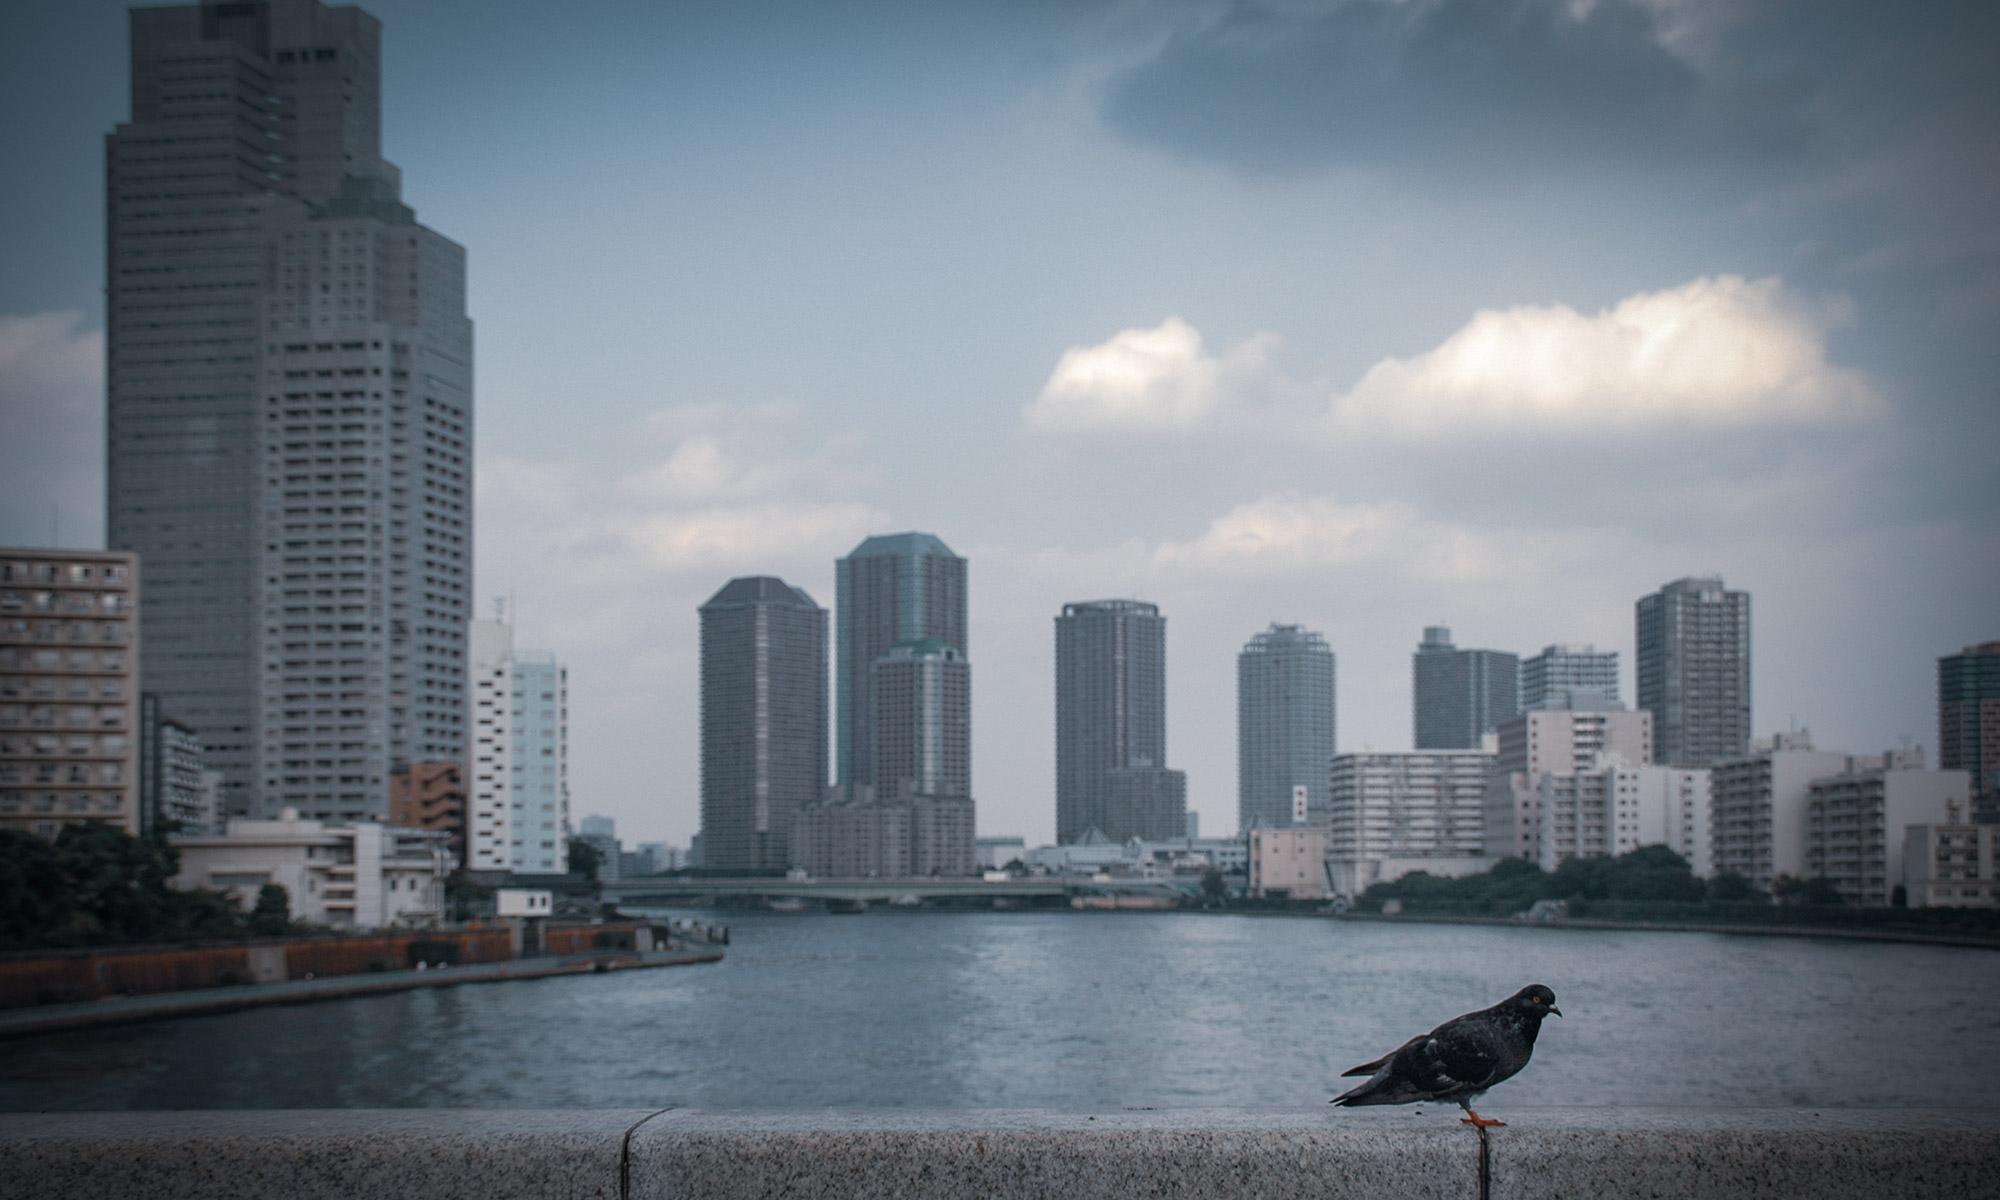 かちどき橋から見たウォーターフロントと欄干と鳩